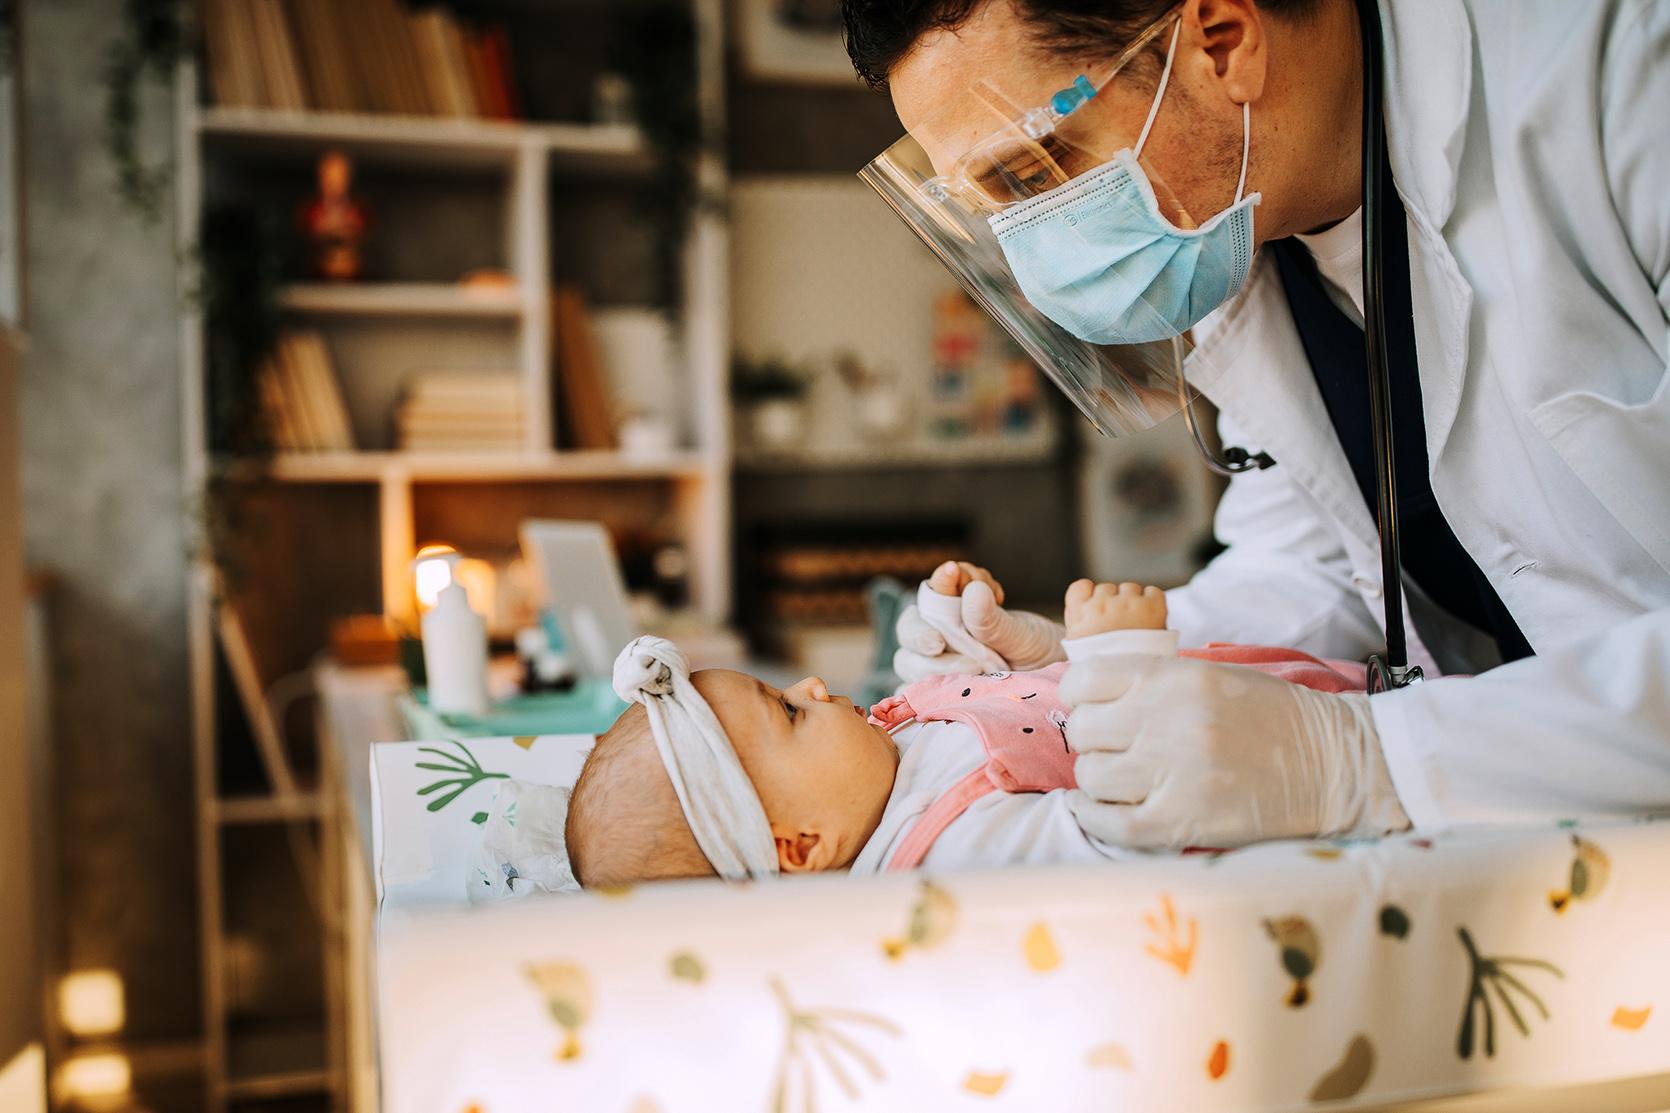 Szczepionka na rotawirusy – dlaczego warto zaszczepić dziecko?/fot. iStock